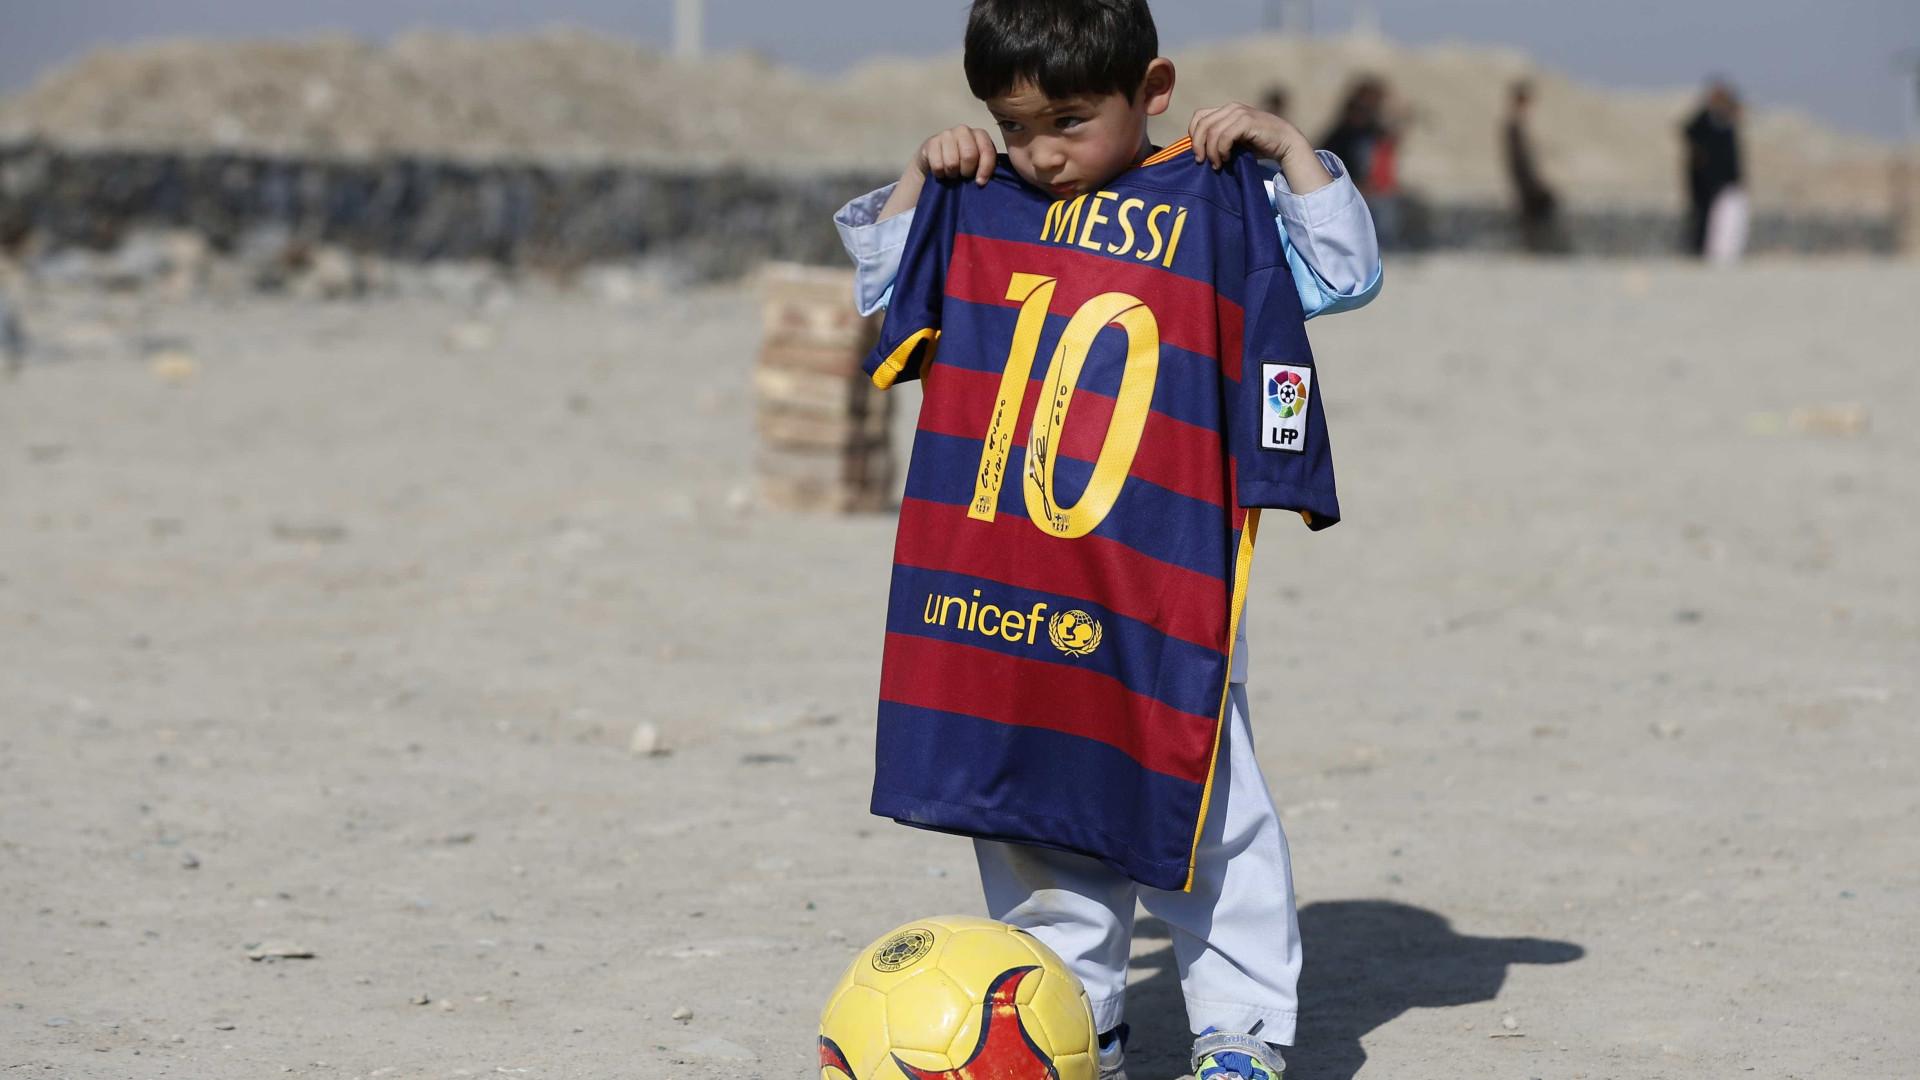 Família de afegão fã de Messi foge de casa por ameaças